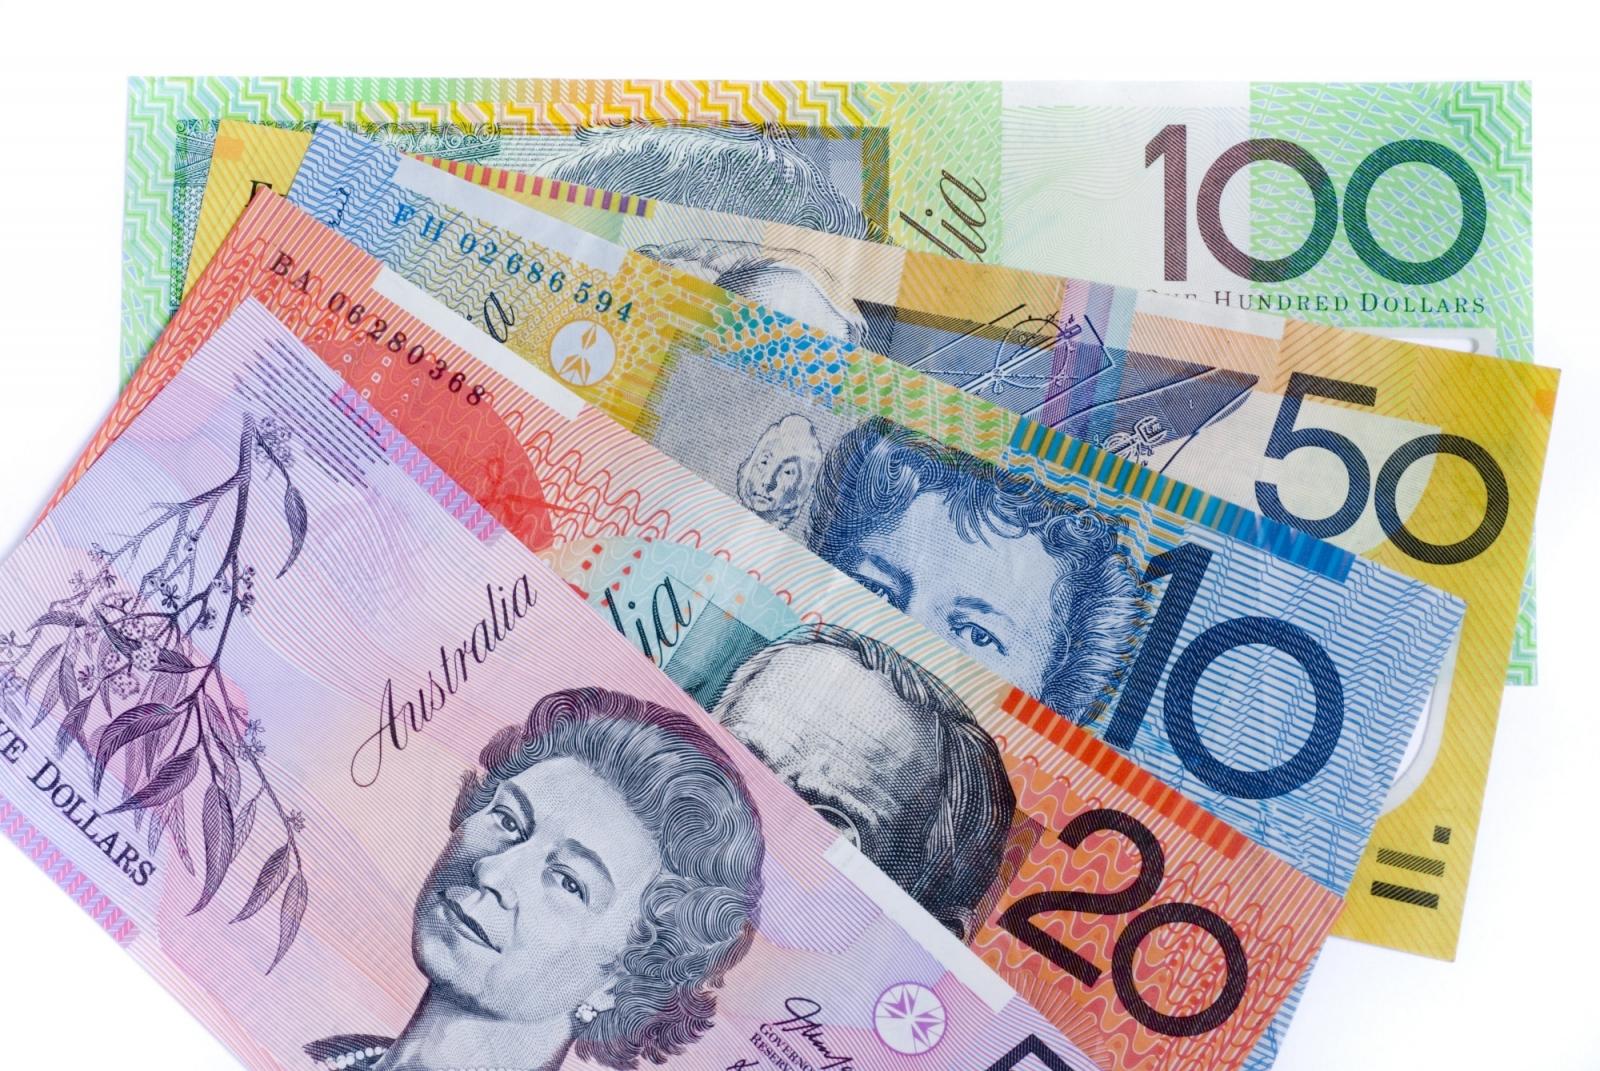 Du lịch Úc cần bao nhiêu tiền?